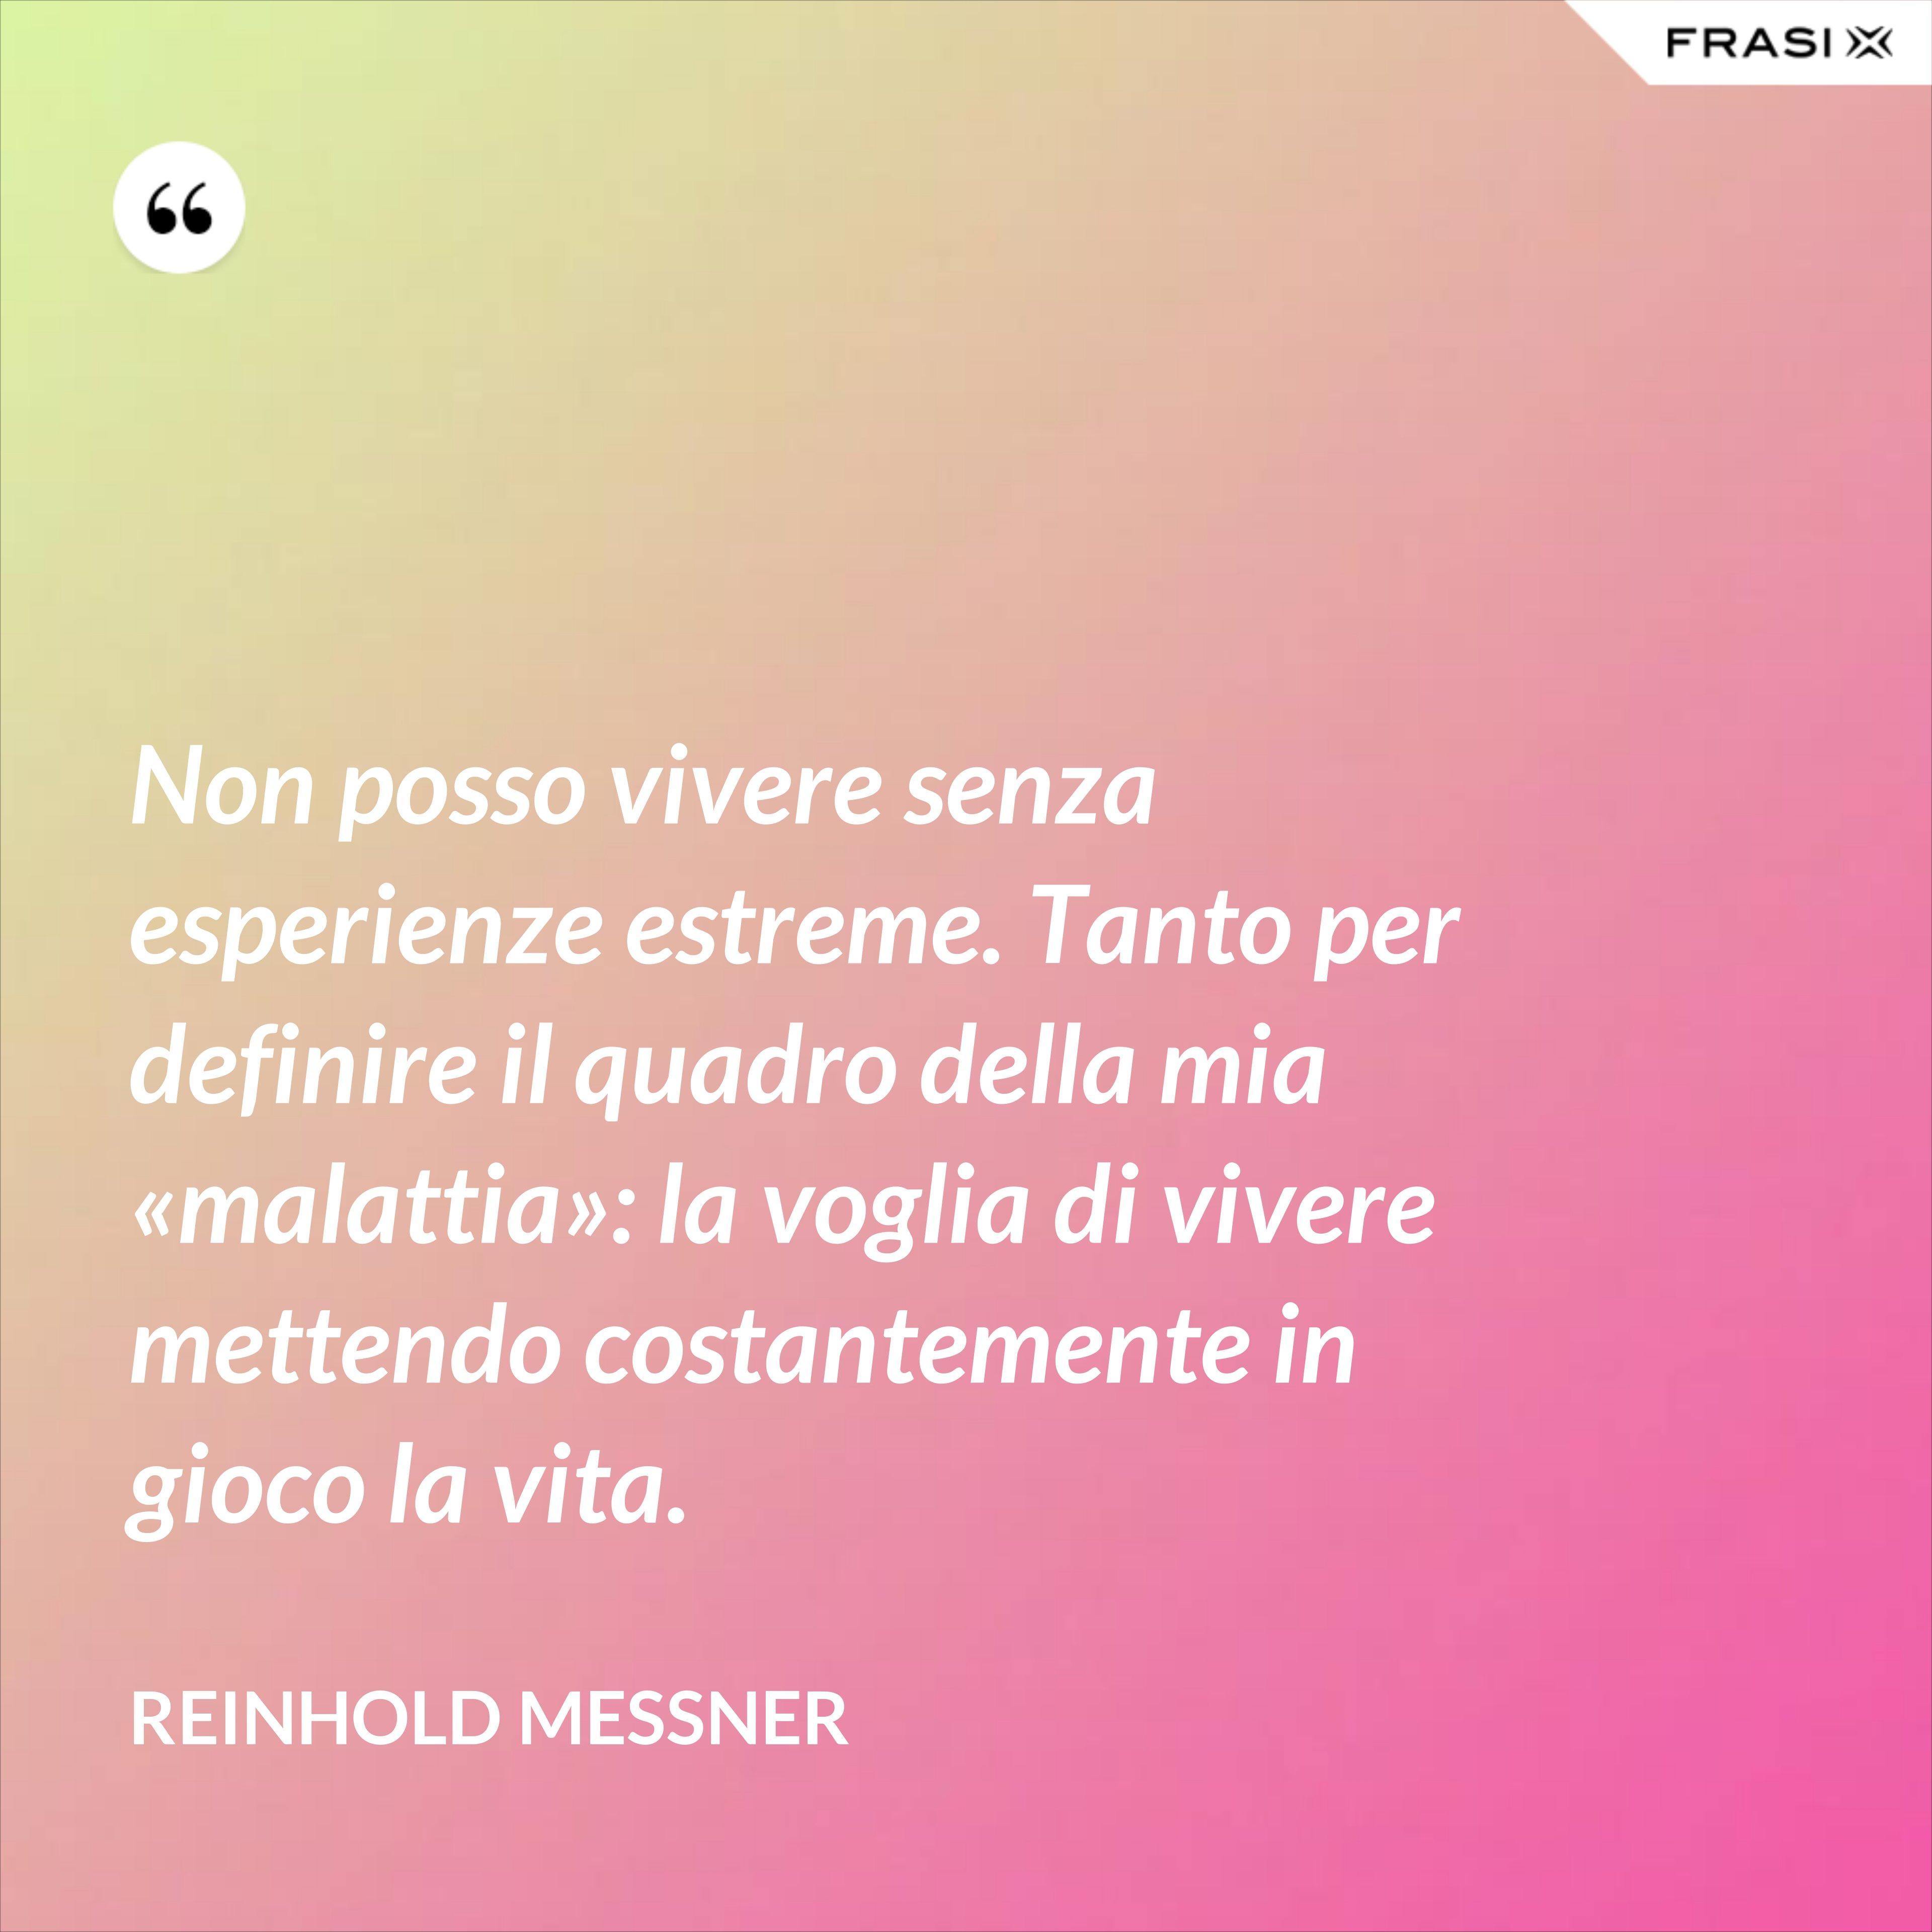 Non posso vivere senza esperienze estreme. Tanto per definire il quadro della mia «malattia»: la voglia di vivere mettendo costantemente in gioco la vita. - Reinhold Messner